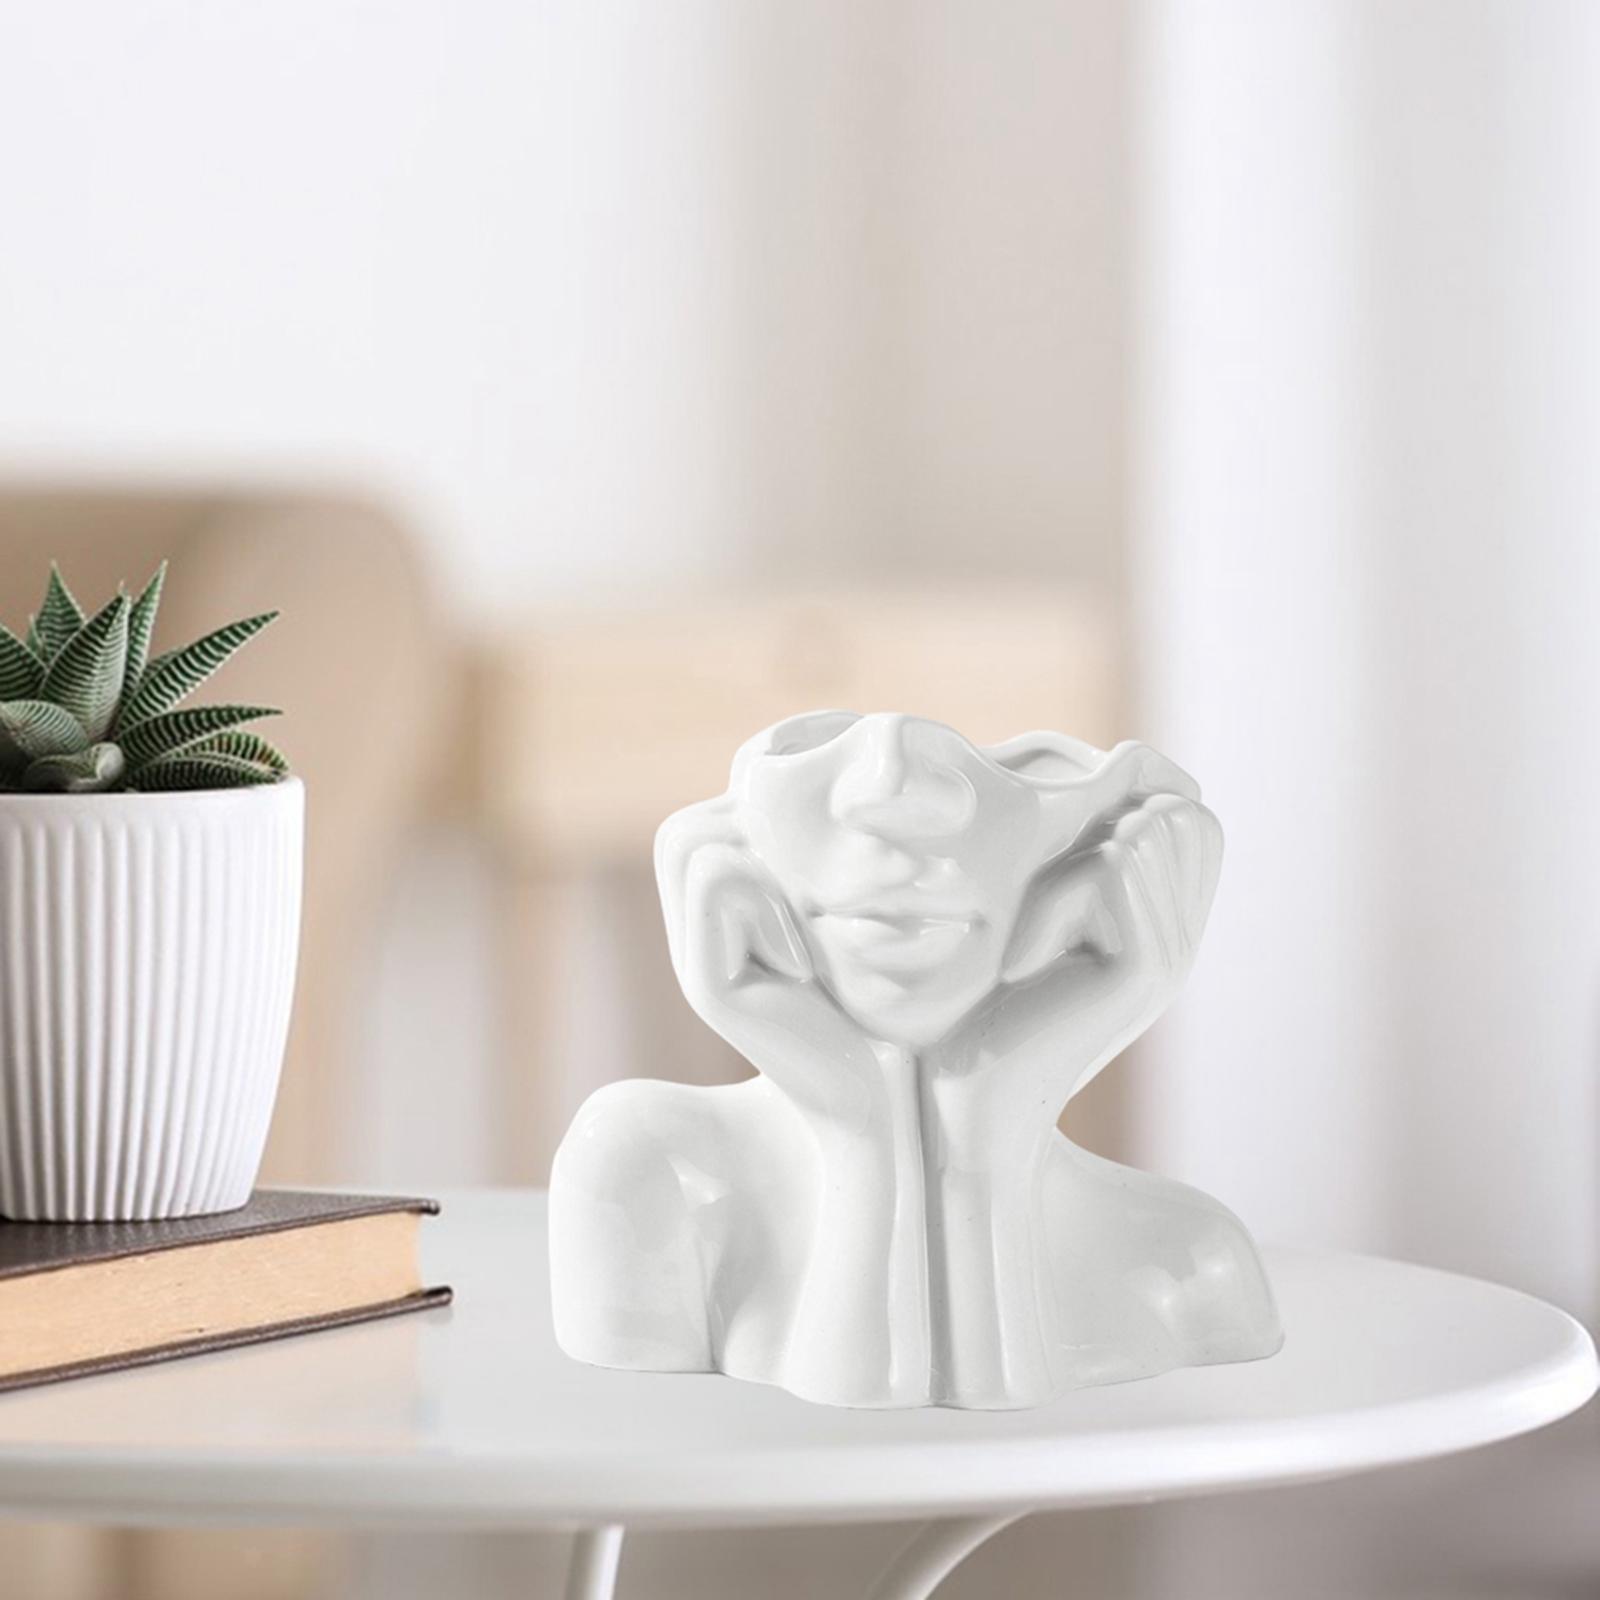 Indexbild 3 - Abstrakte Keramik Vase für weibliches Gesicht Niedliche Blumentöpfe Kleiner